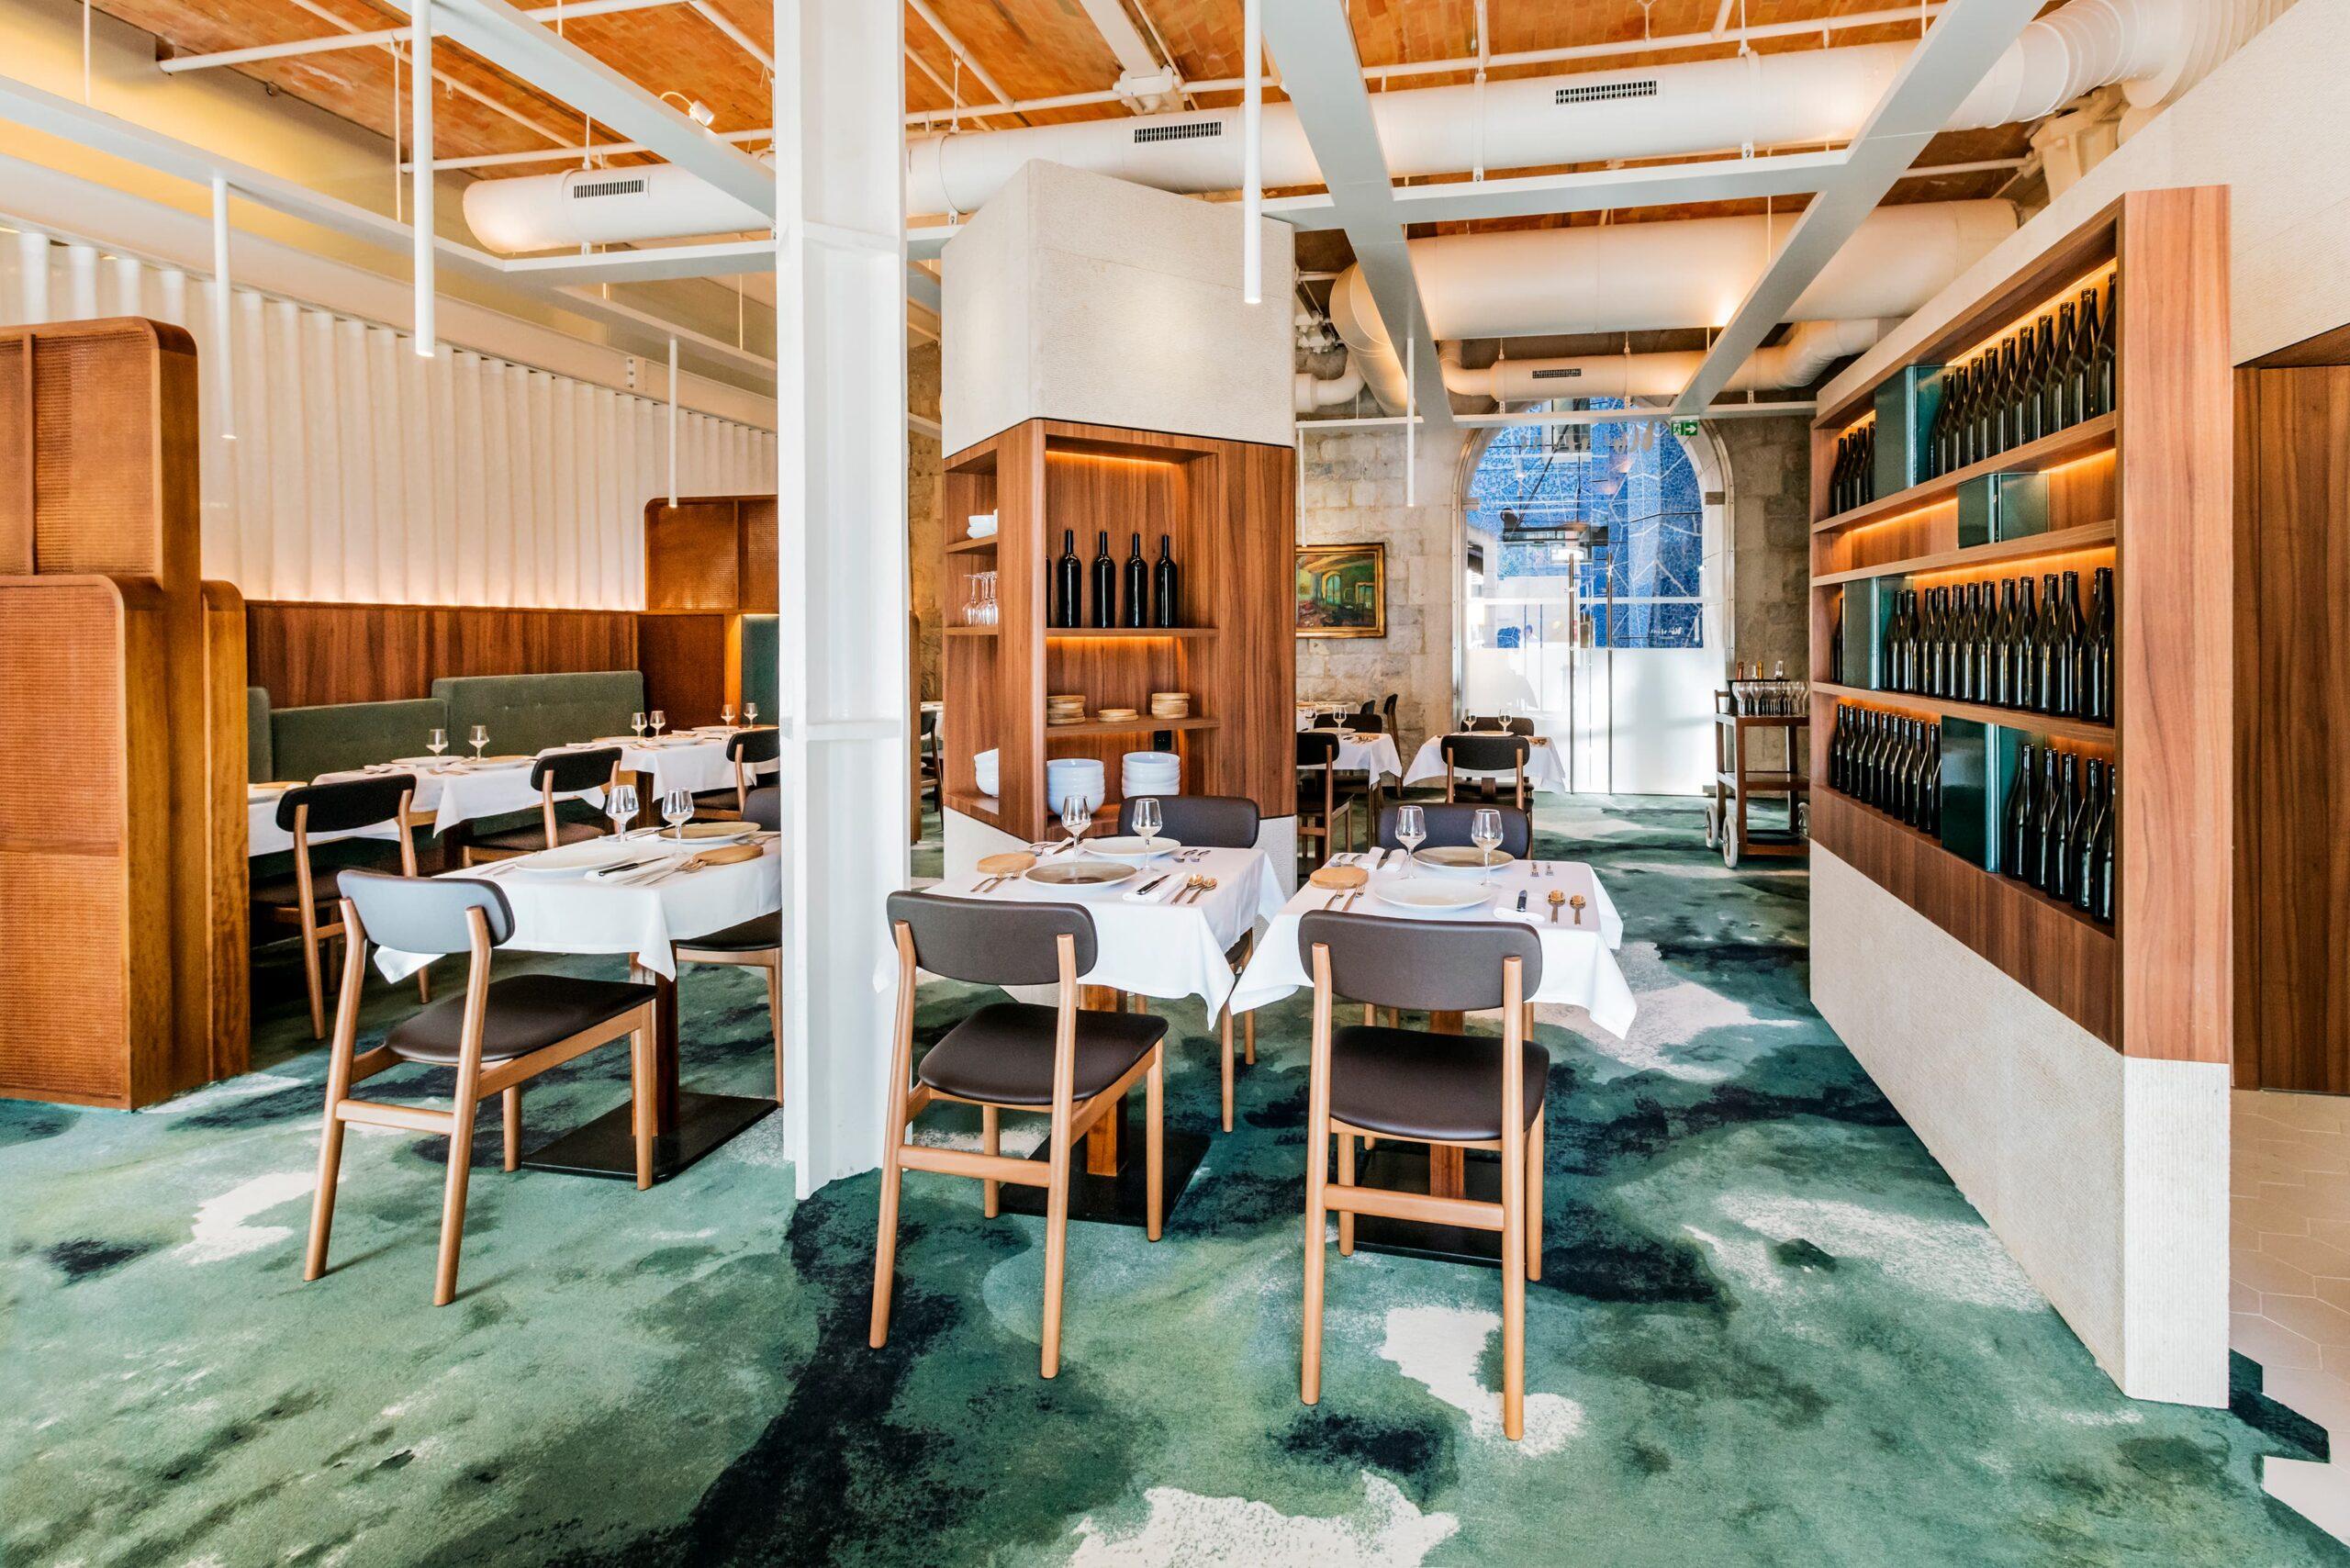 Vue d'ensemble de la salle de restaurant du Restaurant l'Albertine